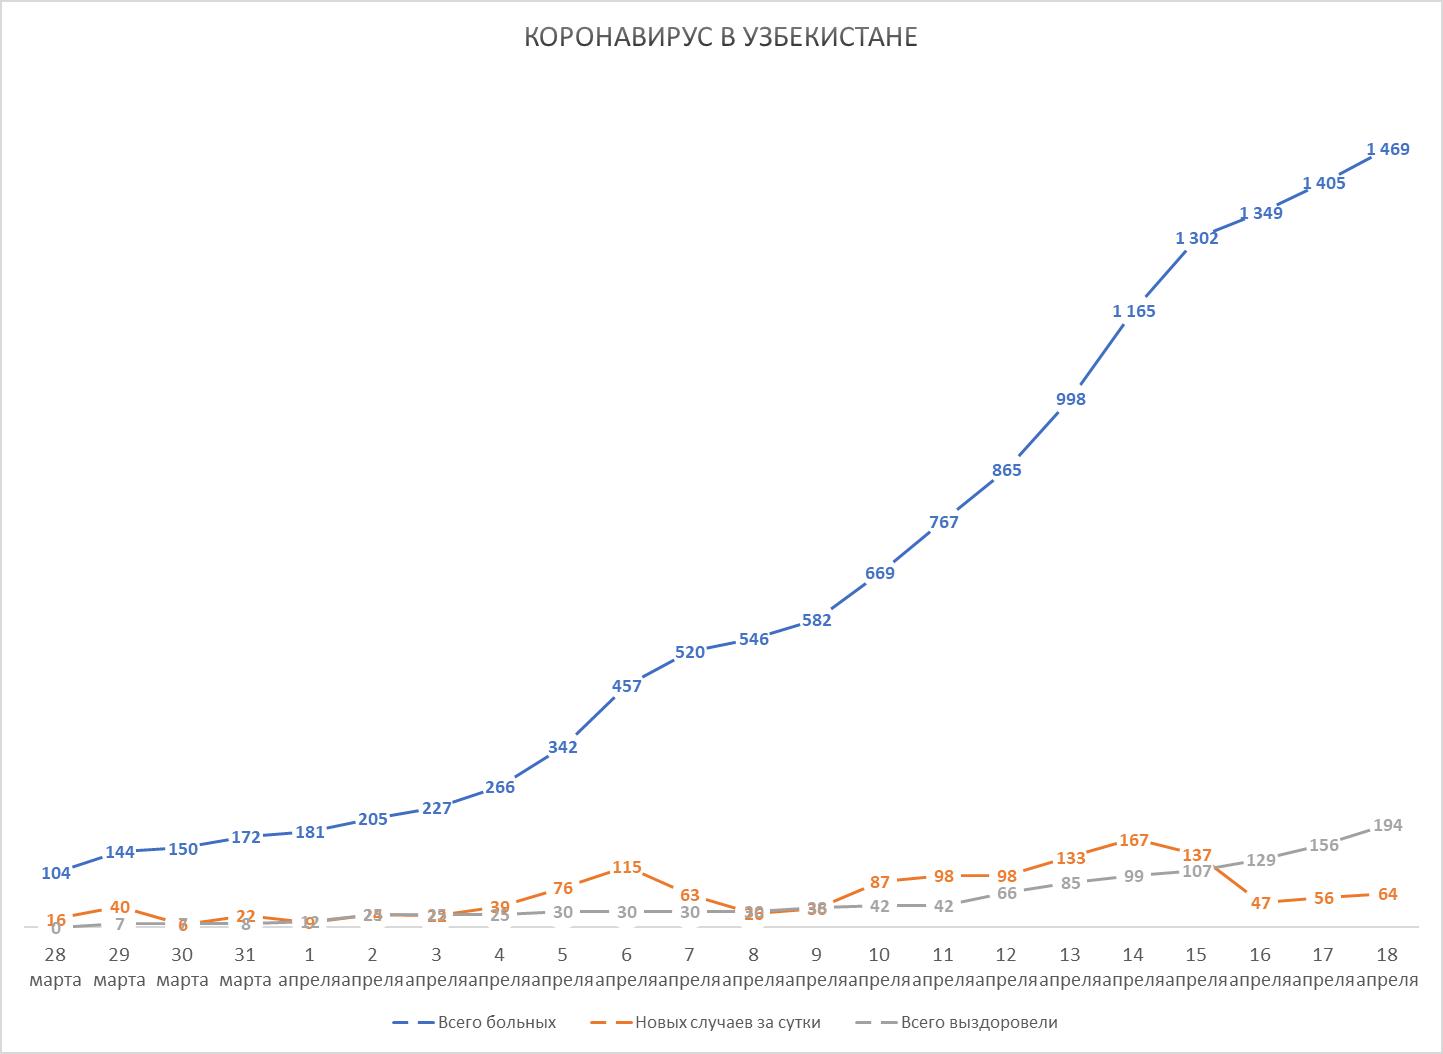 Динамика коронавируса в Узбекистане